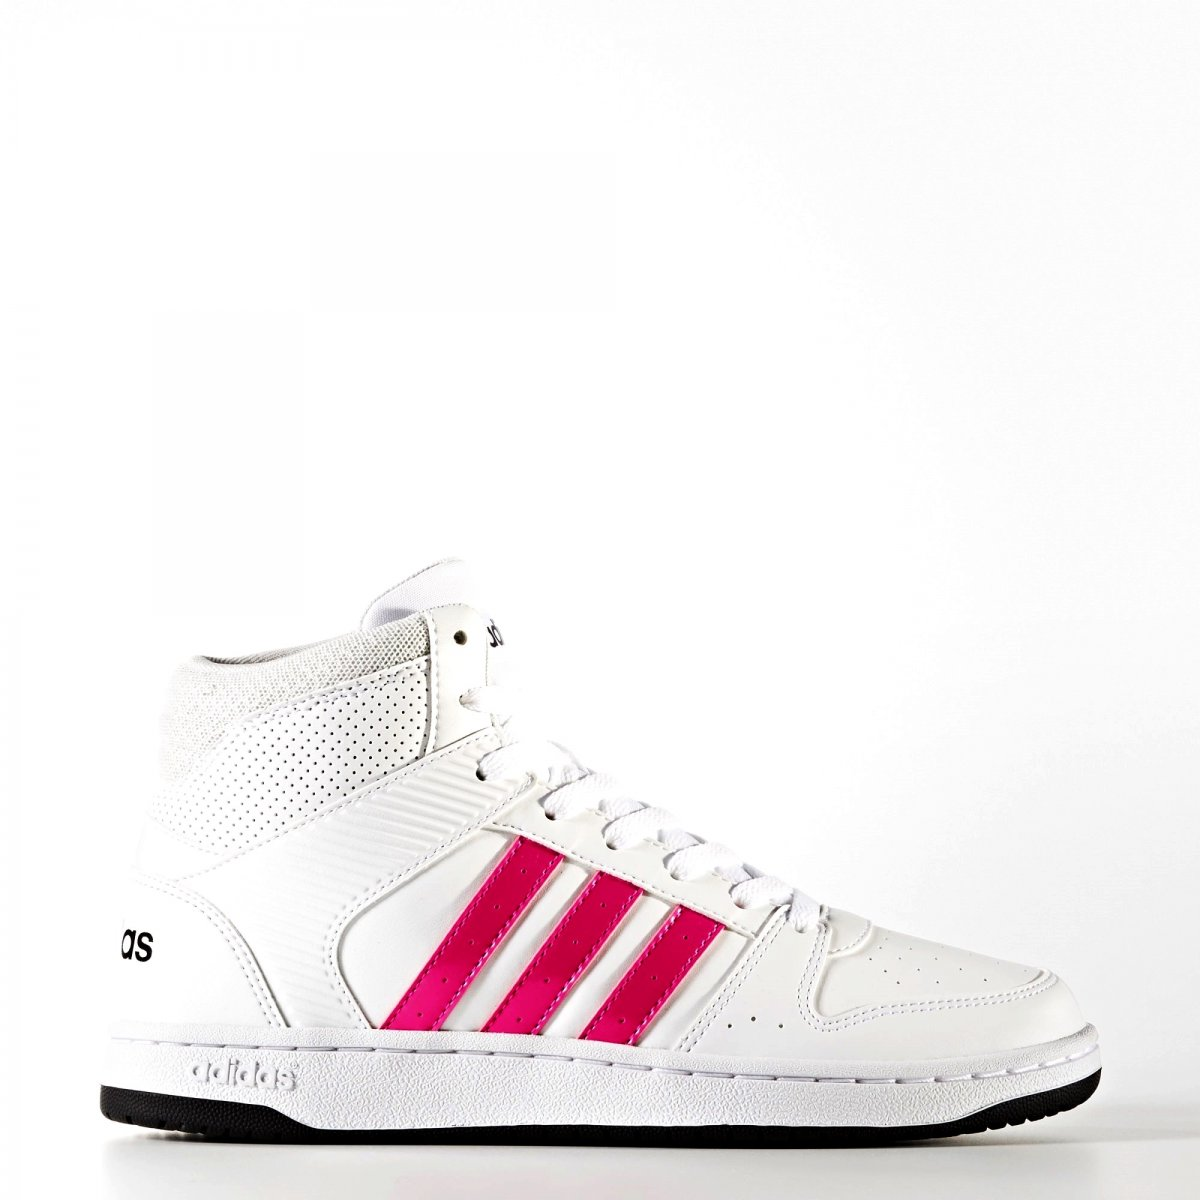 114d63177d8d0 Tênis Adidas VS Hoopster MID W B74234 Branco Rosa